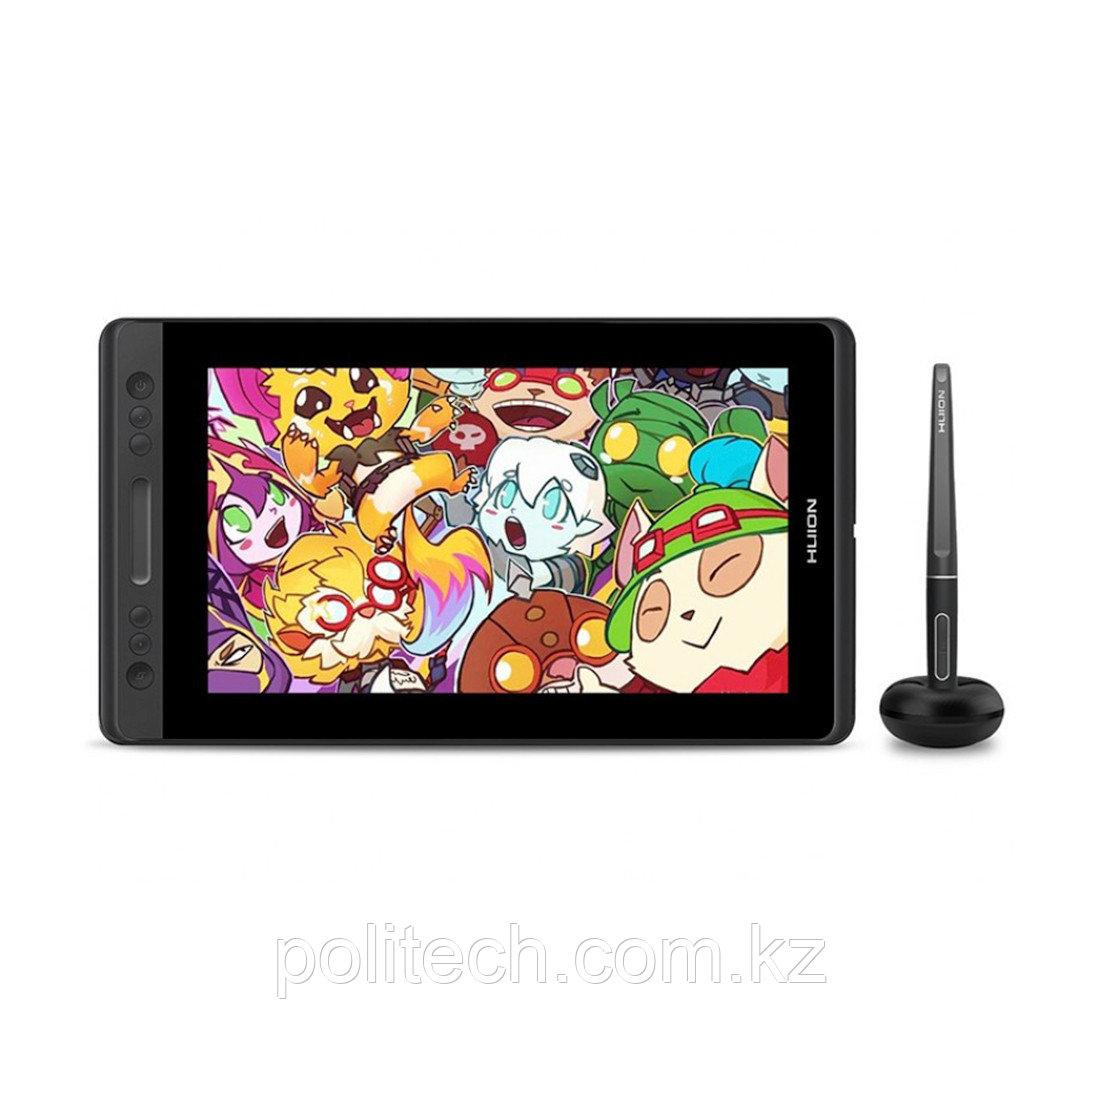 Графический планшет Huion Kamvas Pro 13 (GT-133)